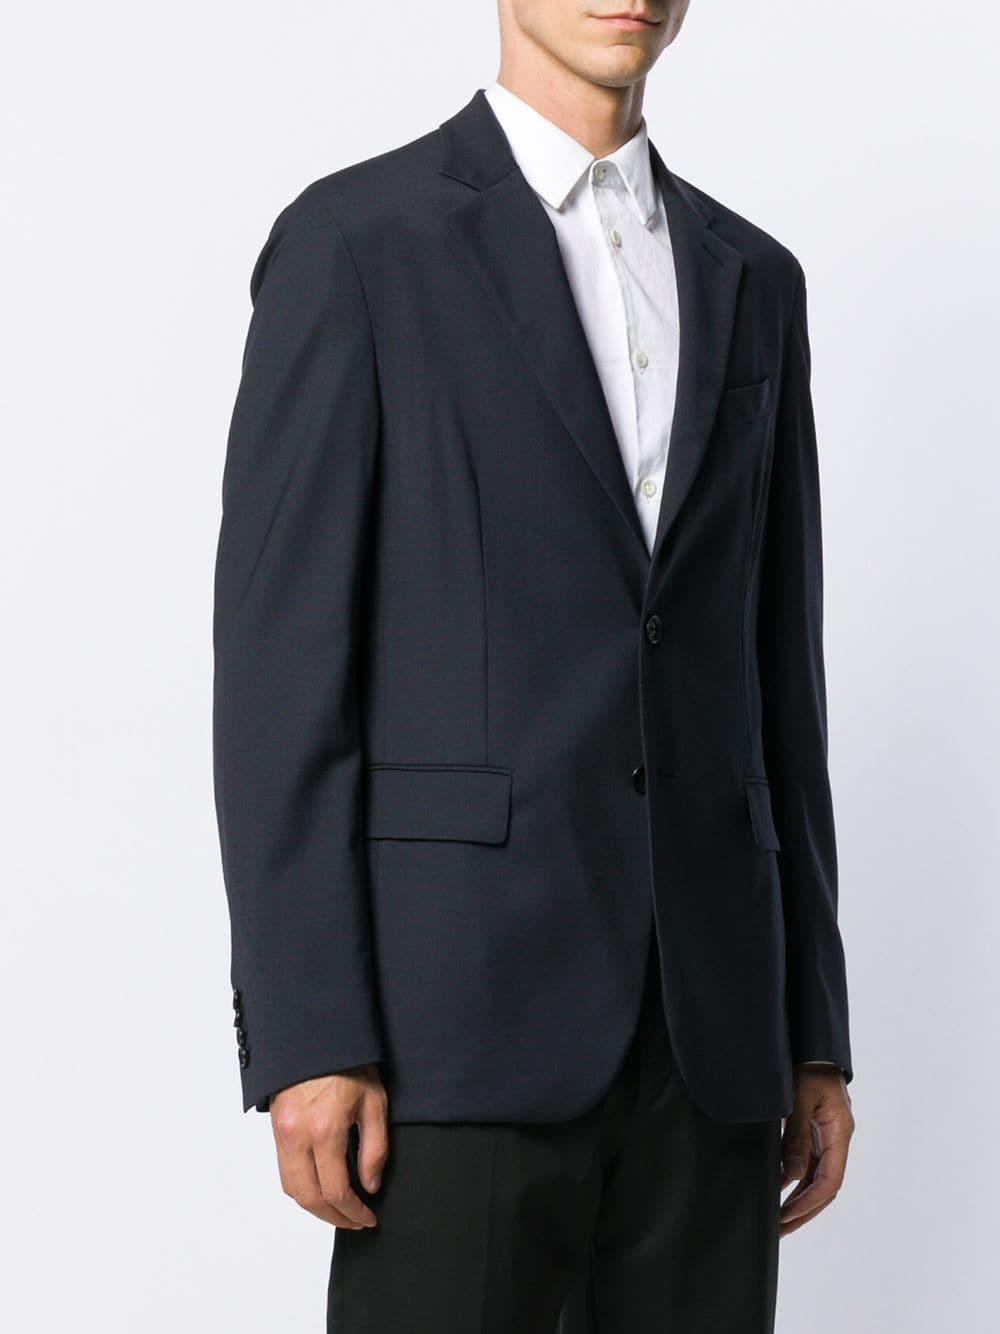 Versace Katoen Blazer Met Enkele Rij Knopen in het Blauw voor heren